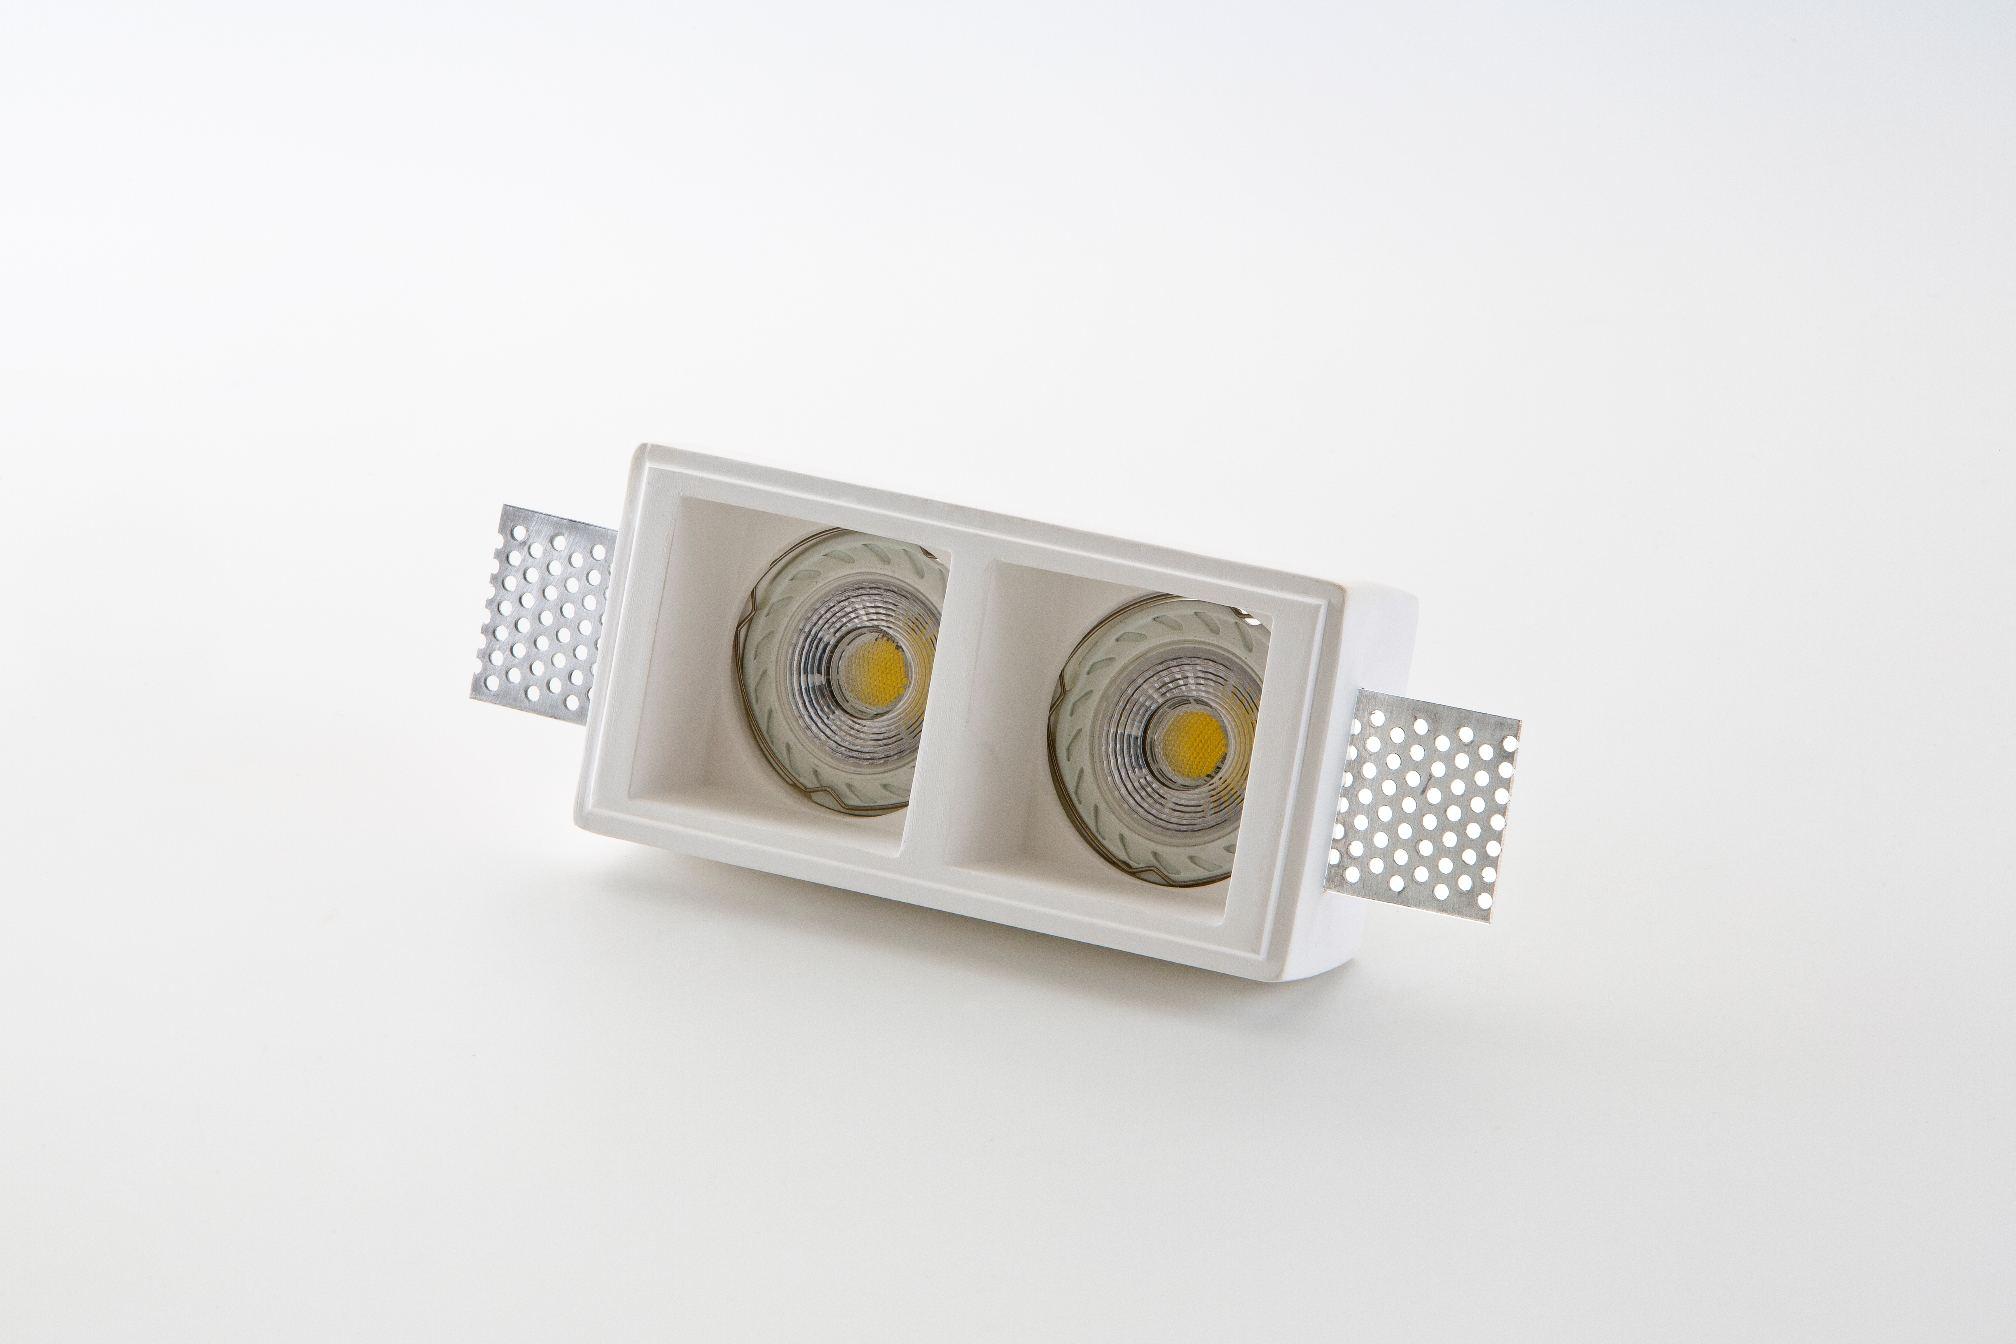 einbaulampe aus gips 818 von isy luce einbaustrahler innenleuchten platinlux der online. Black Bedroom Furniture Sets. Home Design Ideas